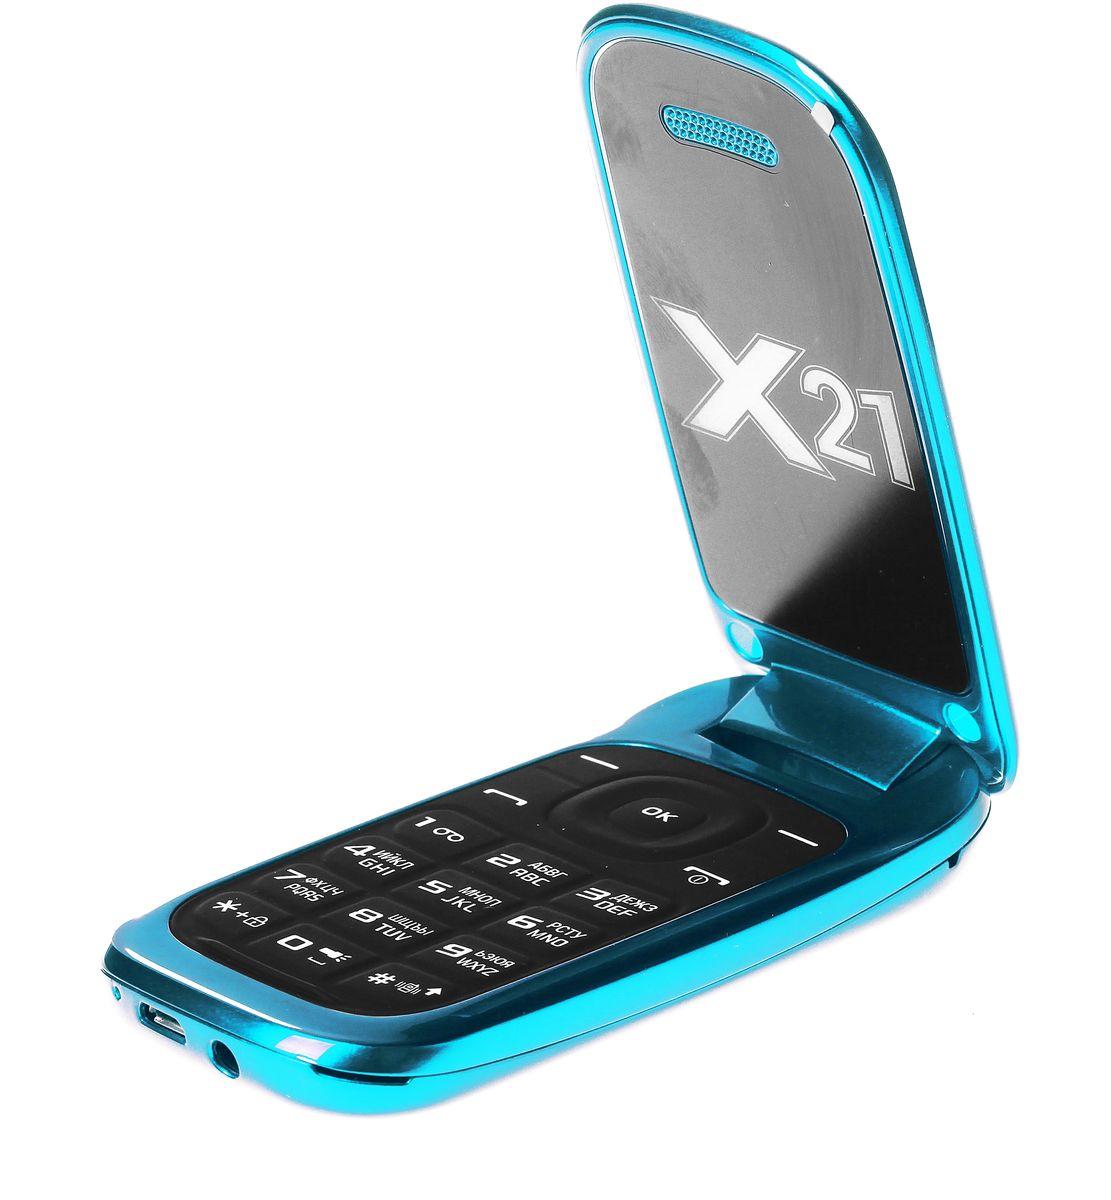 Qumo Push X21, Blue22531Телефон QUMO Push X21 - классическая раскладушка со всем необходимым функционалом. Отличный выбор для человека, который хочет всегда оставаться на связи.Телефон поддерживает одновременную работу двух SIM-карт, позволит слушать FM-радио, а также проигрывает MP3 и MP4 файлы.Наличие встроенного музыкального плеера оценят любители музыки, тем более что новый телефон позволяет взять с собой солидную медиатеку: гаджет оборудован слотом для карт памяти microSD.QUMO Push X21 оборудован полным набором приложений для ежедневного использования: органайзером, диктофоном, будильником, калькулятором.Встроенная Li-Pol батарея повышенной емкости - 800 мАч - позволит оставаться на связи до 2 недель.Телефон сертифицирован EAC и имеет русифицированную клавиатуру, меню и Руководство пользователя.